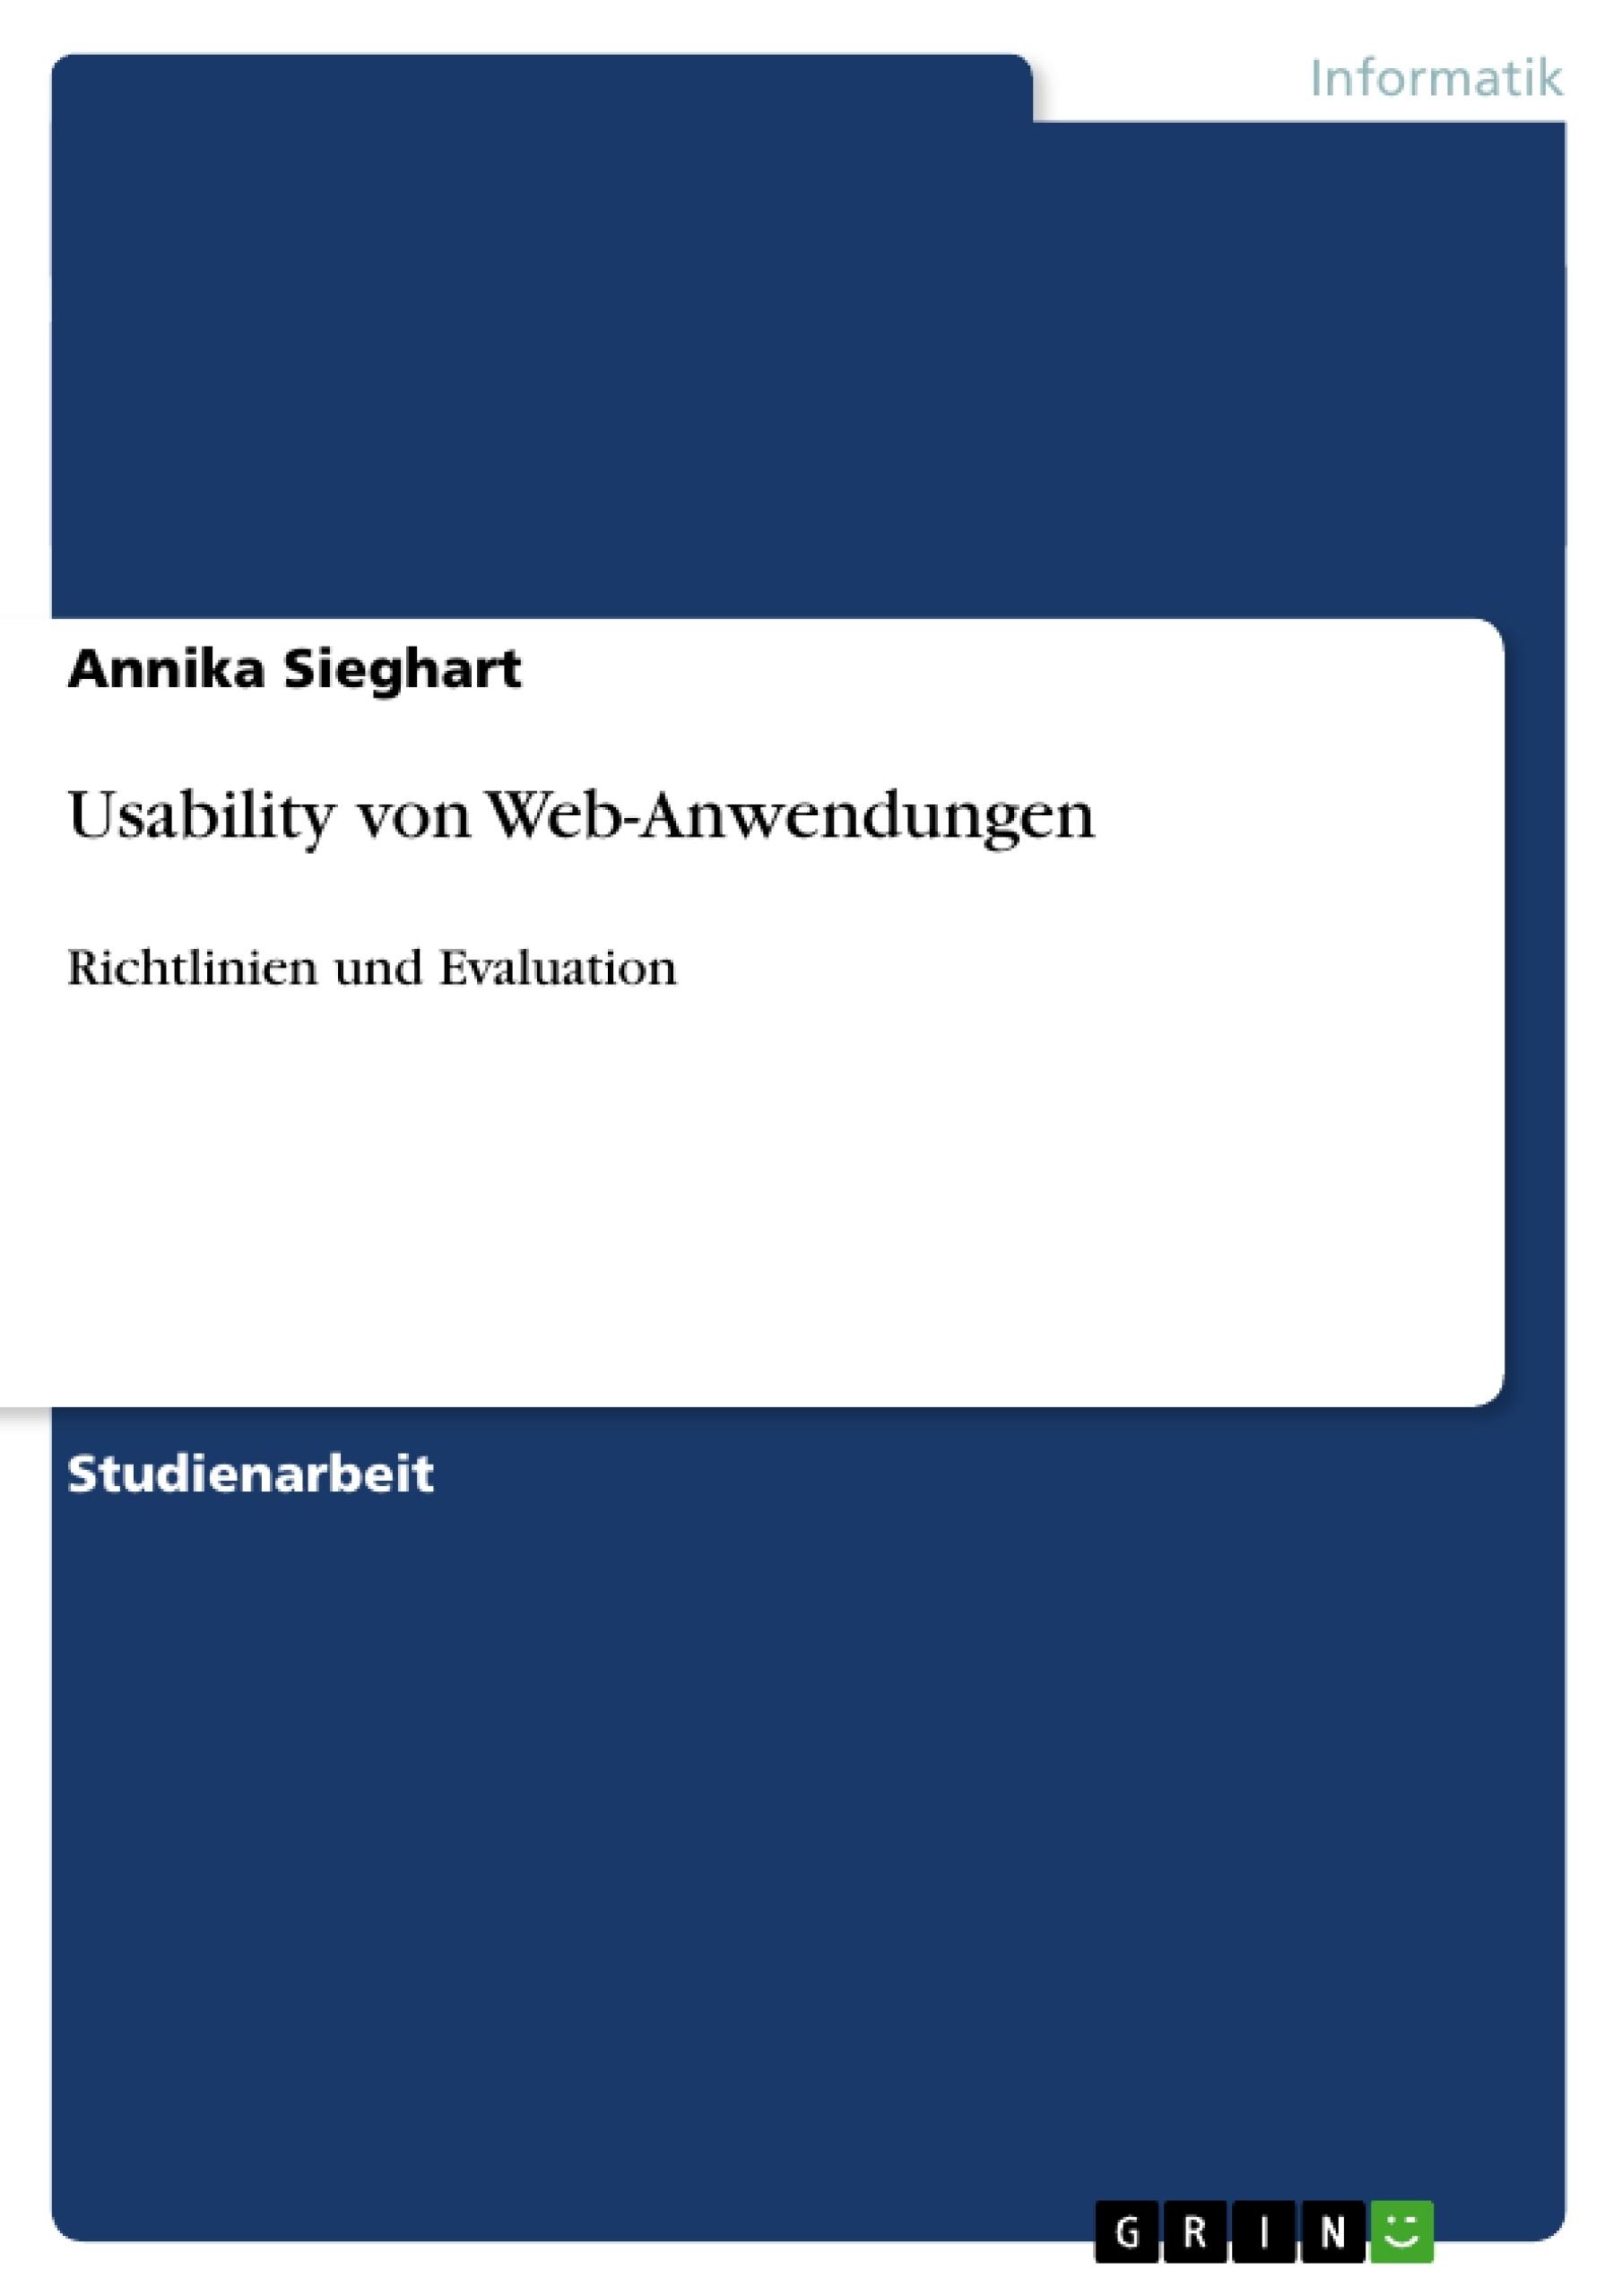 Titel: Usability von Web-Anwendungen